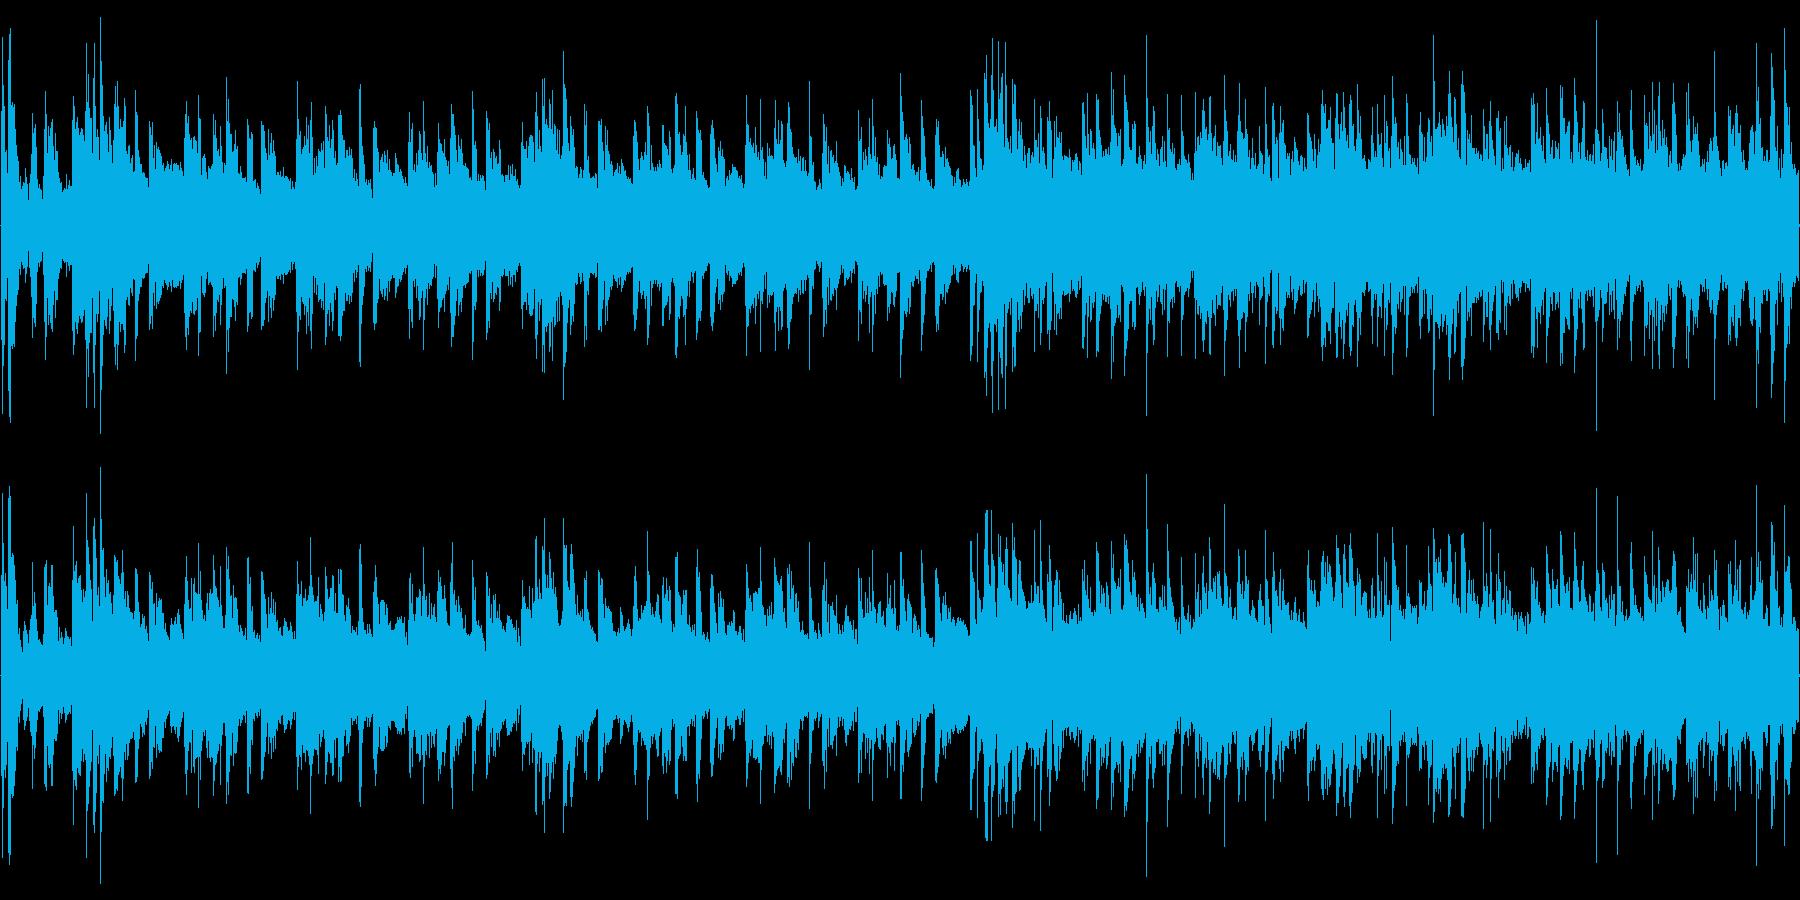 イントロ付きの爽快感のあるループ用BGMの再生済みの波形